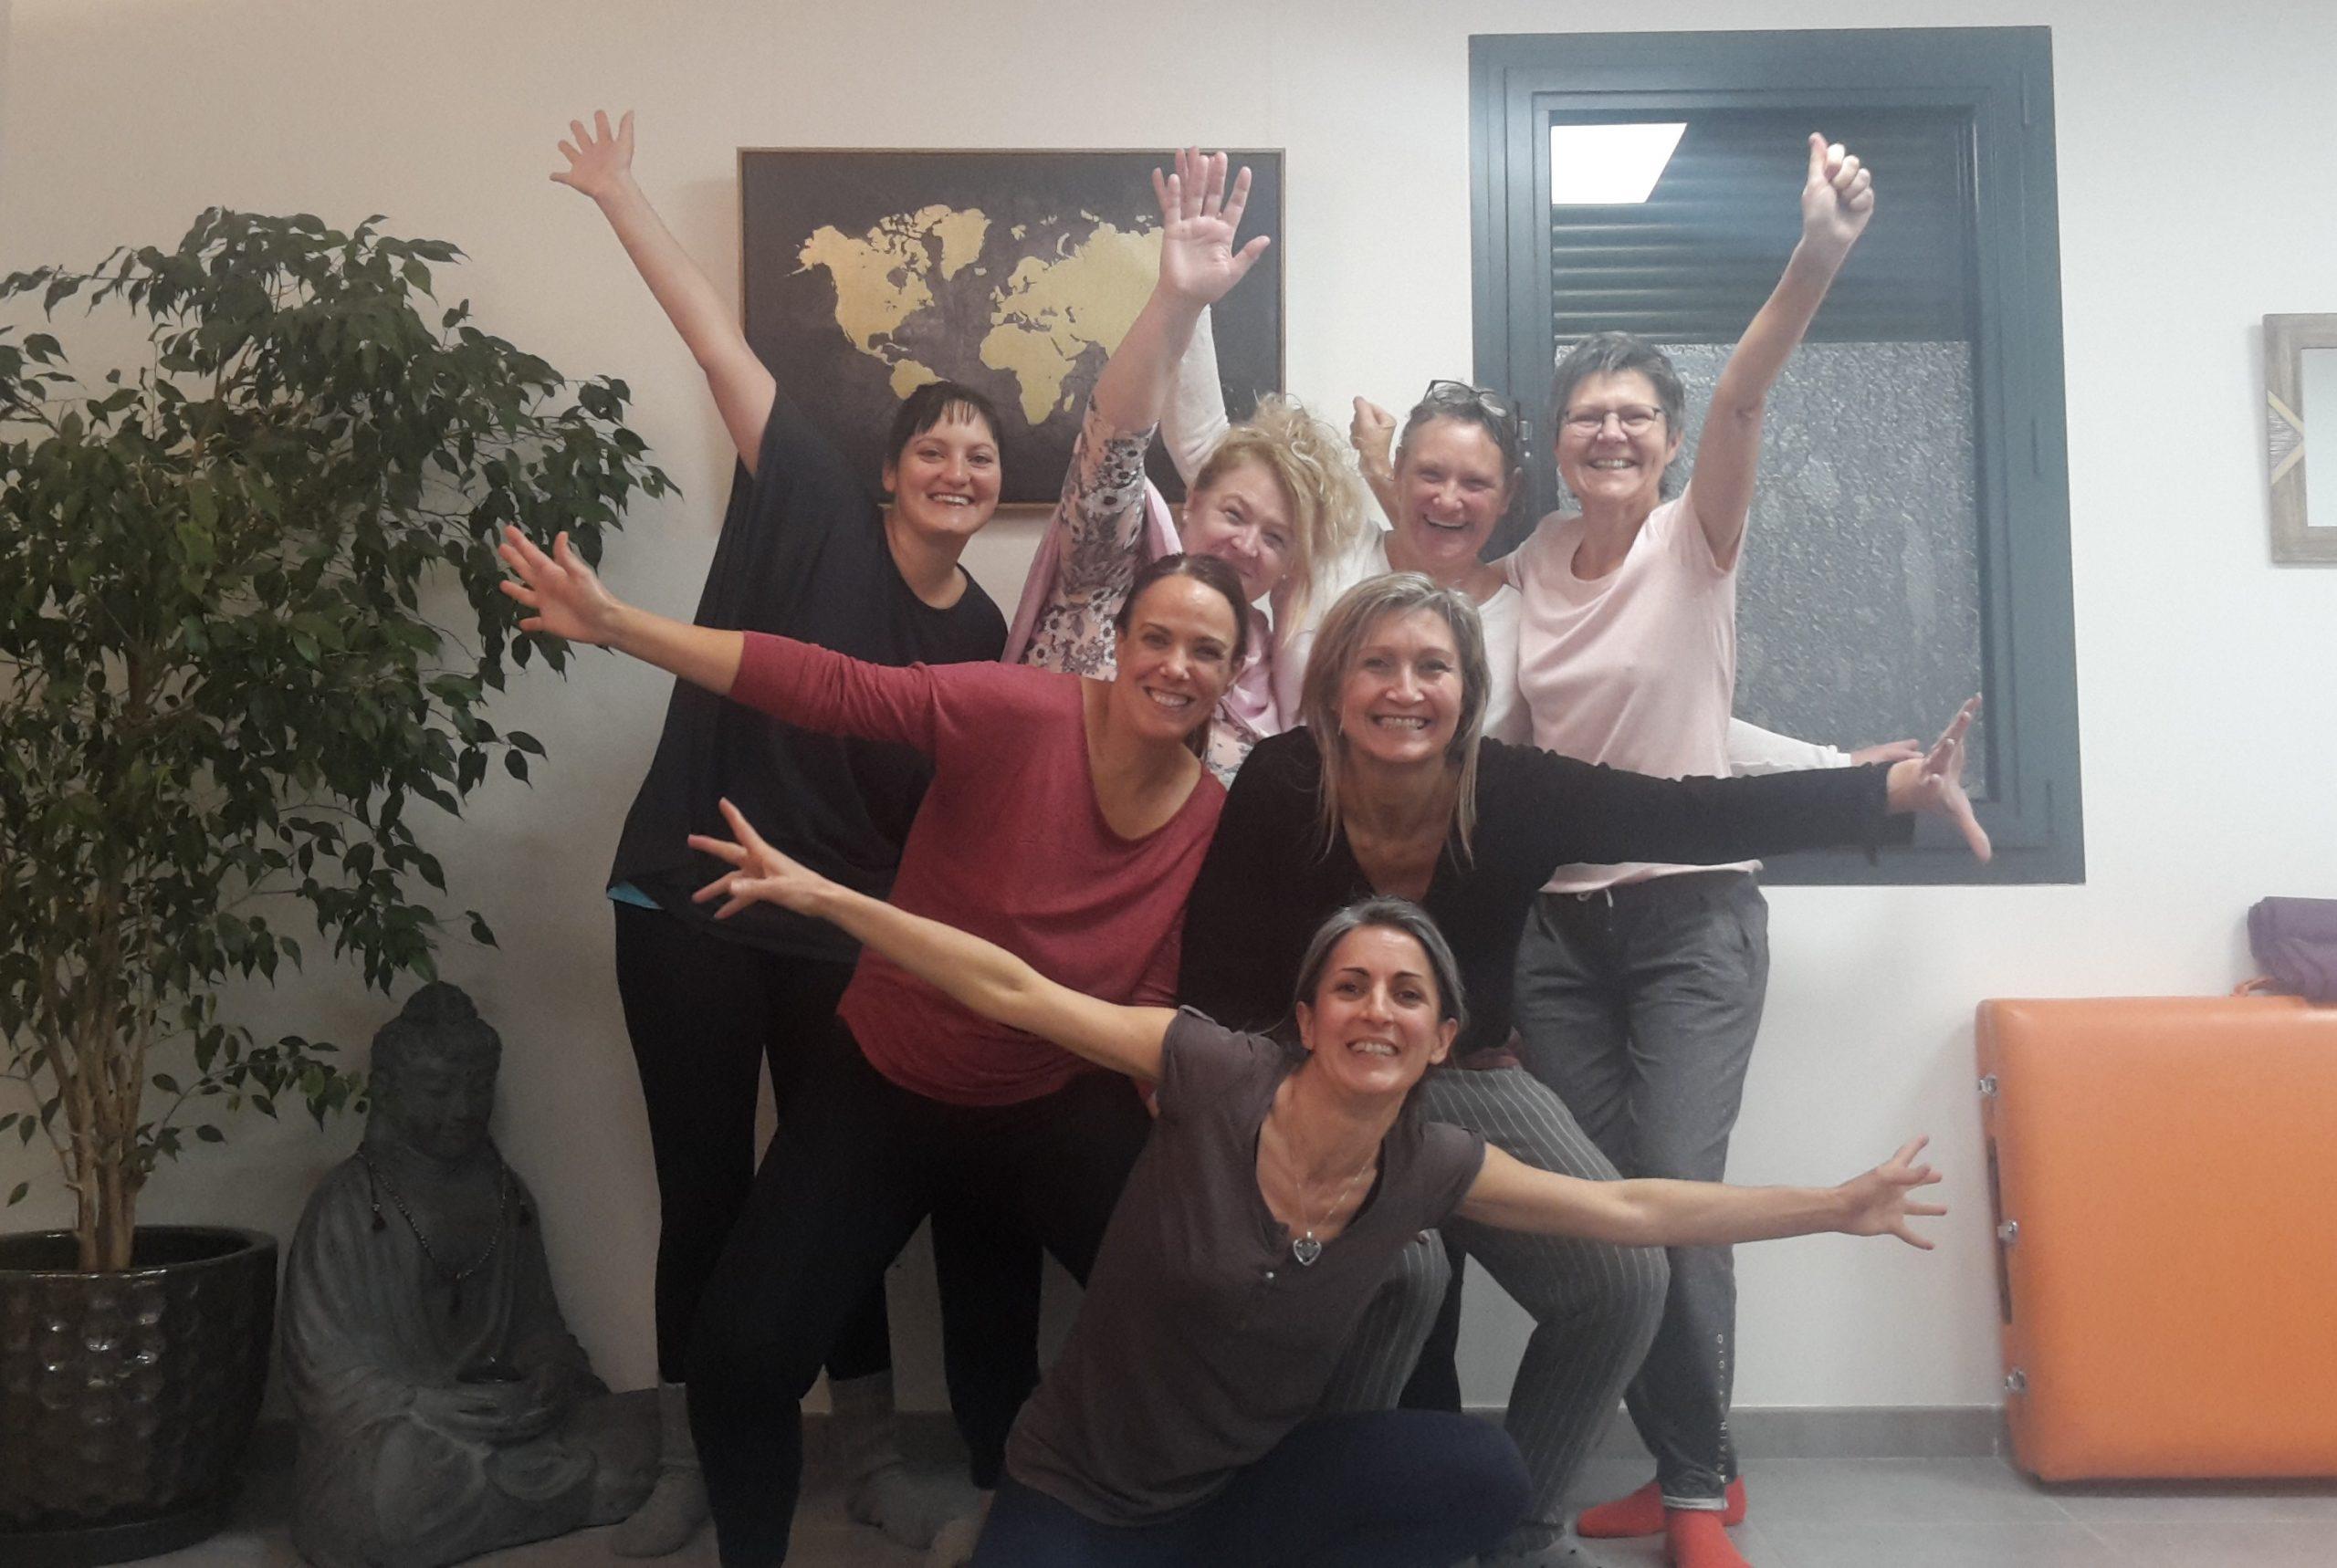 Nadège Pic_coach de vie pour femmes_formation massage californien_aix les bains_decembre 2019-3